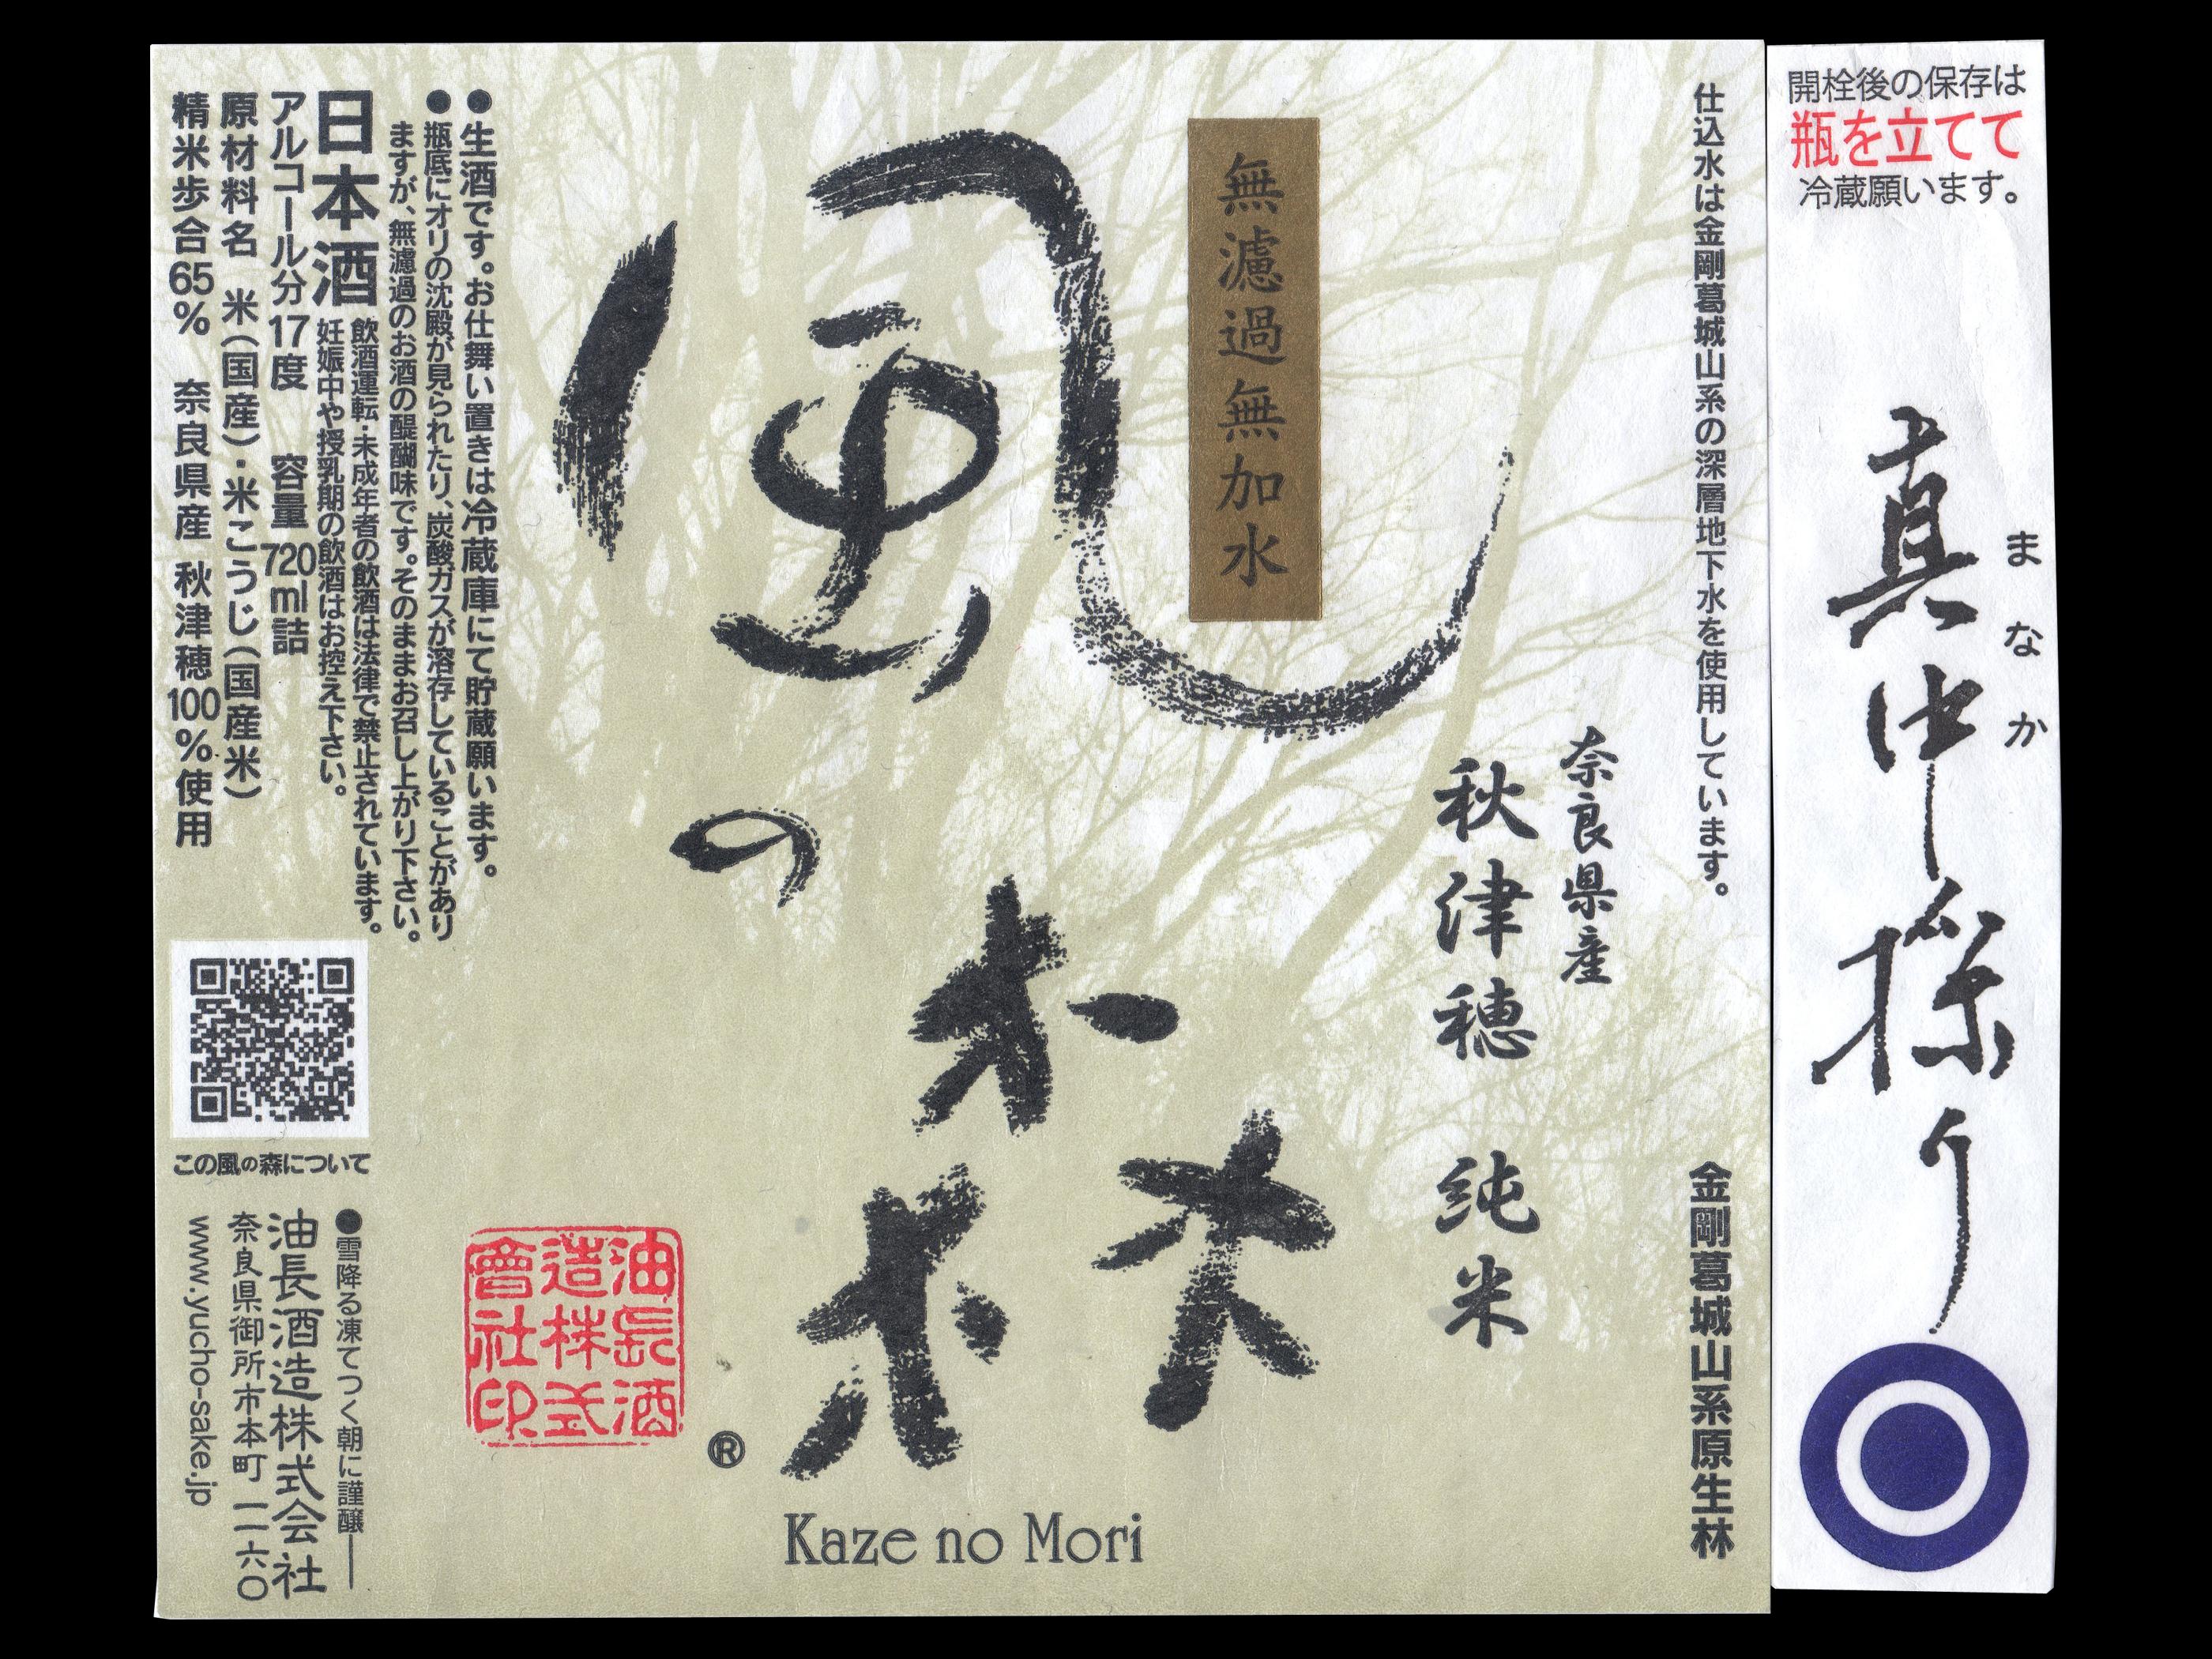 風の森(かぜのもり)「純米」秋津穂真中採りラベル